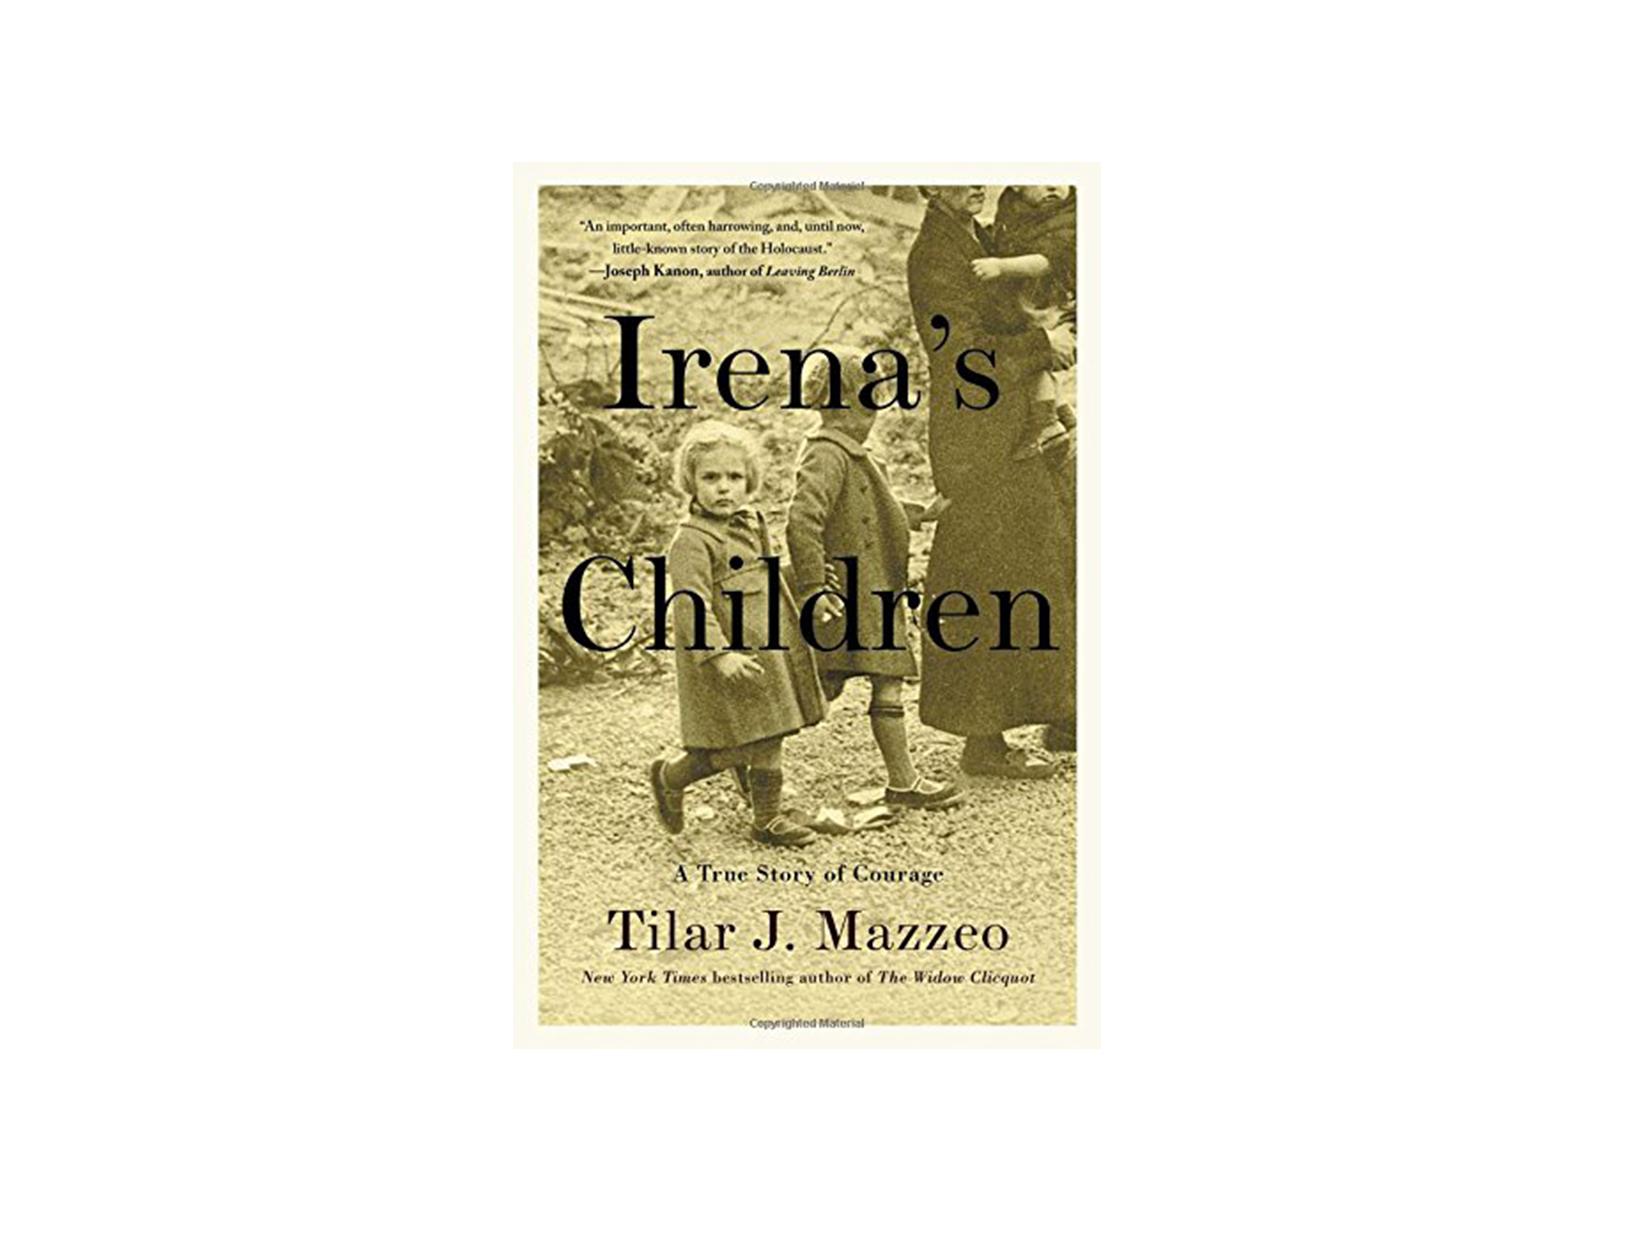 Irena's Children by Tilar Mazzeo